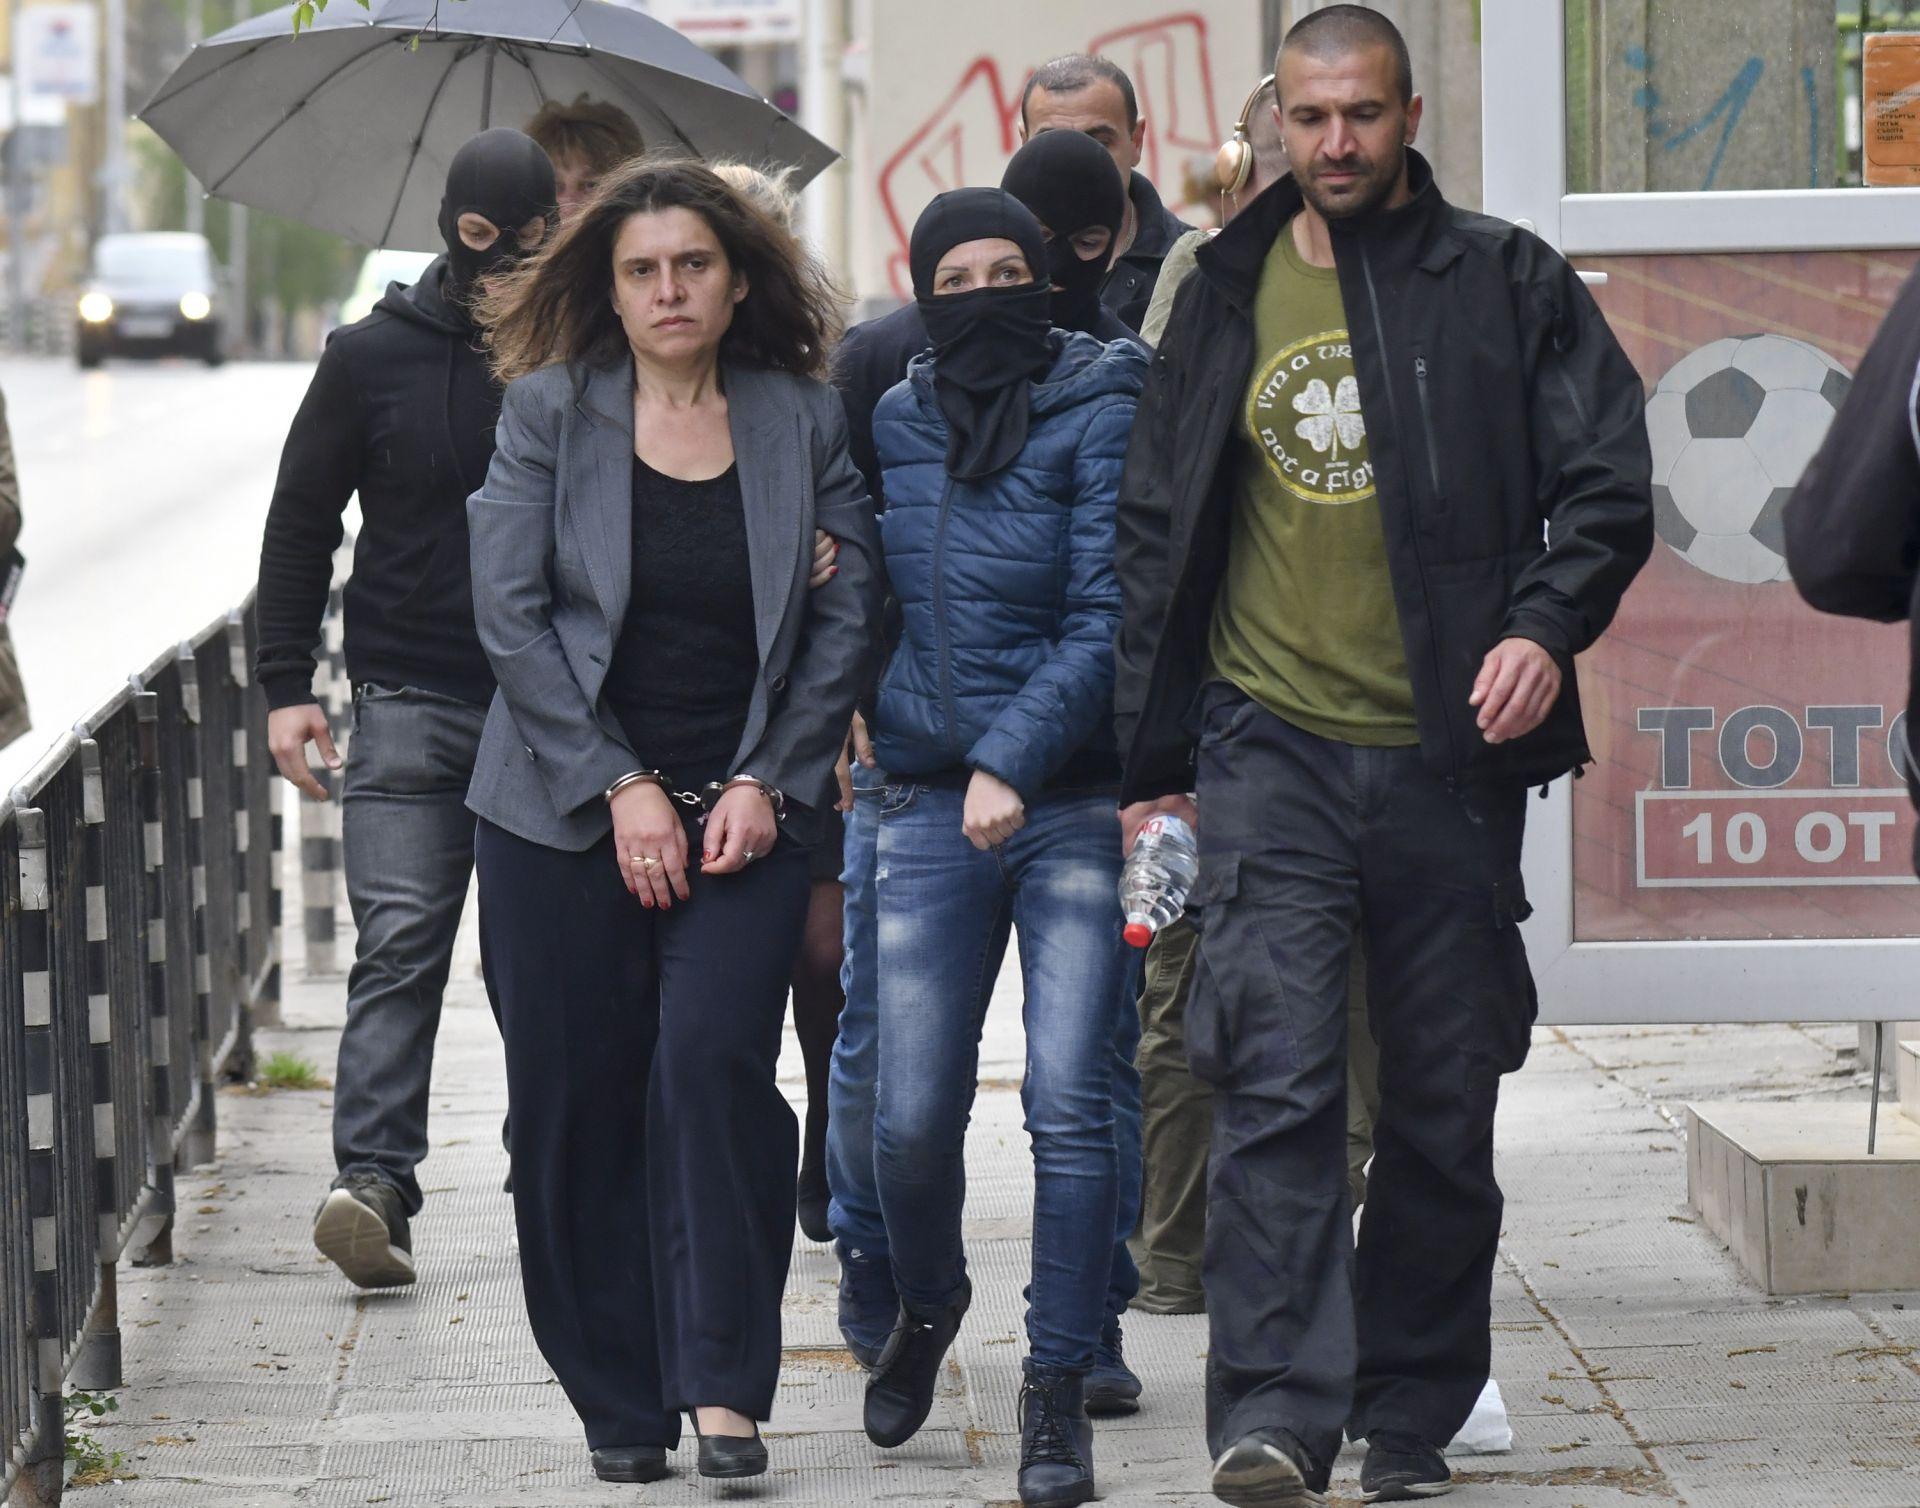 Заедно с кметицата Иванчева, бе арестувана и нейната заместничка Биляна Петрова